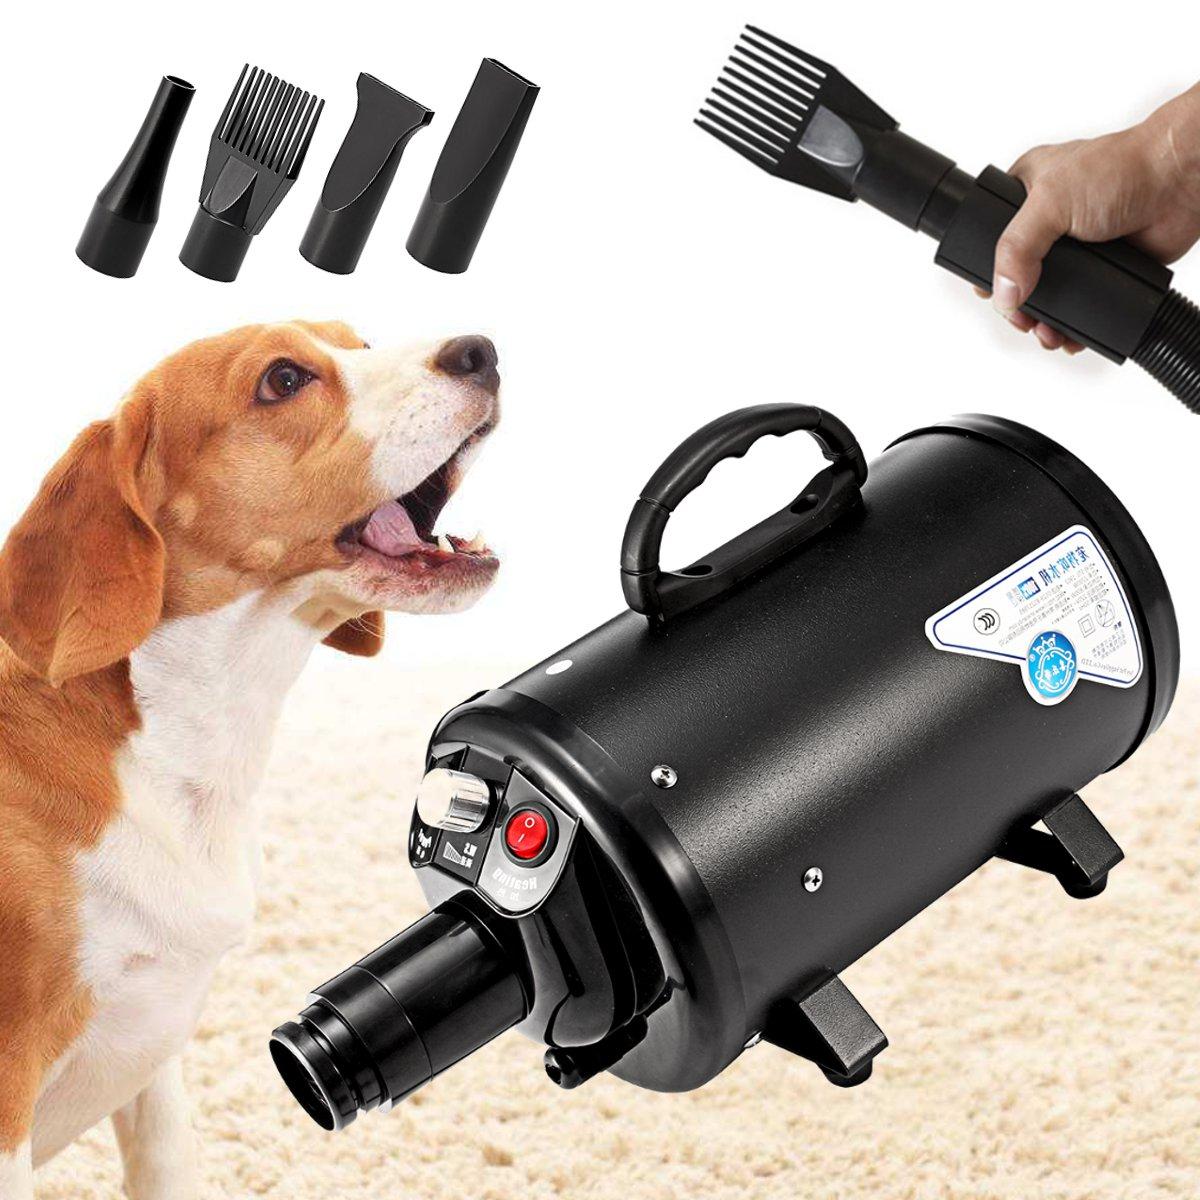 Cão Grooming Secador Secadores de Cabelo Cão de Estimação Barato À Prova D' Água Baixo Ruído do Ventilador Stepless da Velocidade do Vento 120 v EUA Plug 2800 W